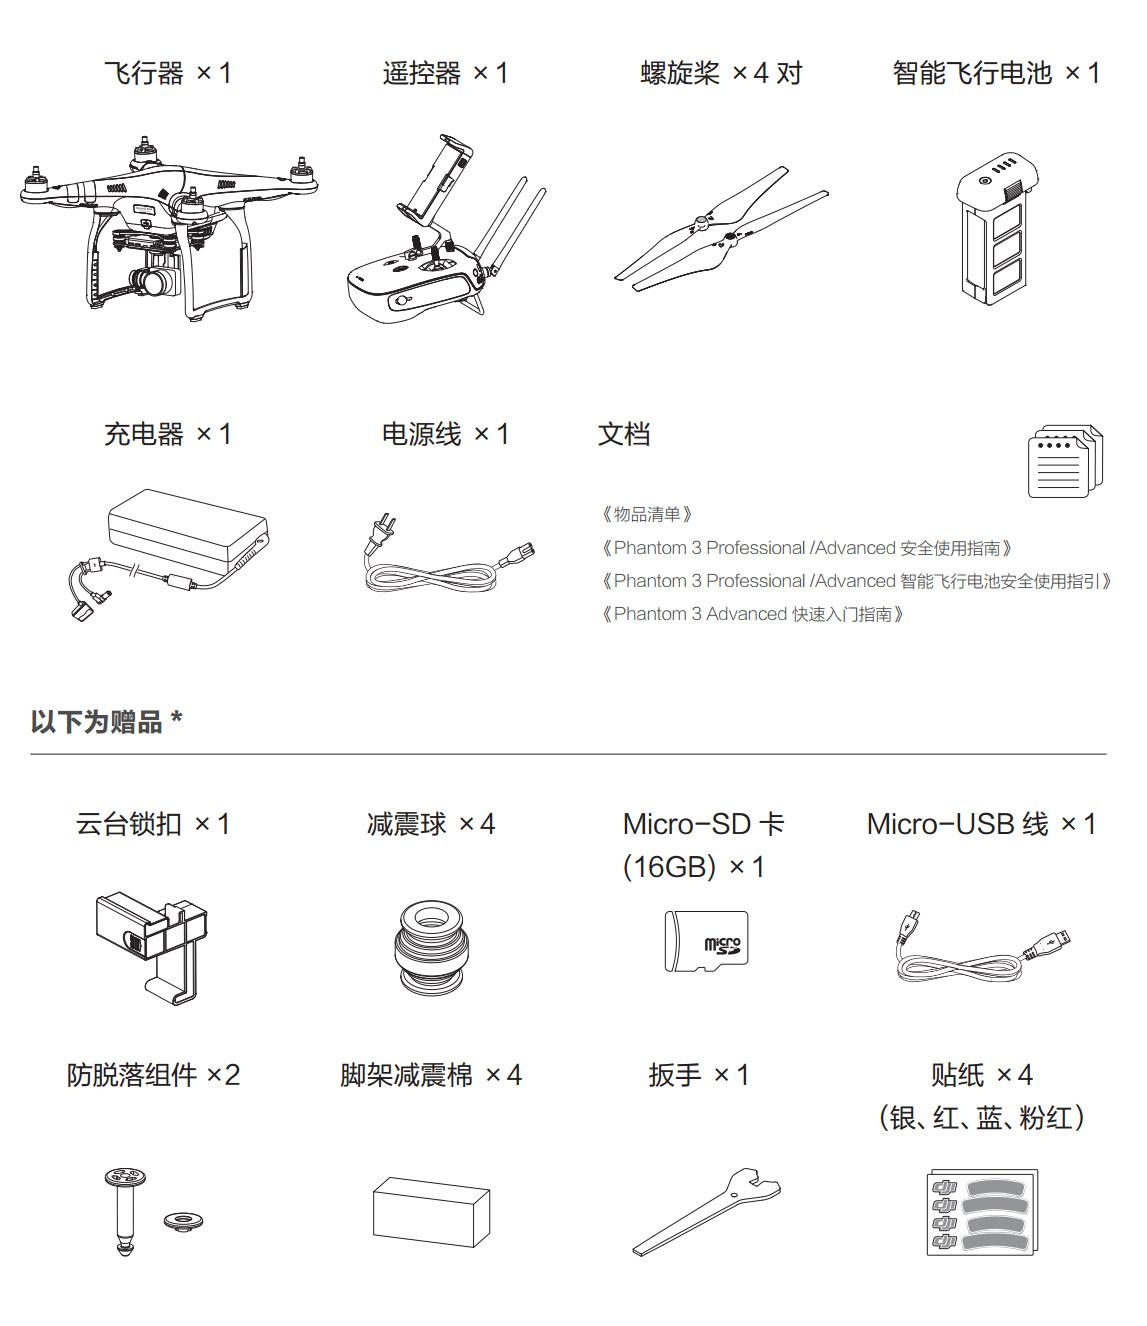 inthebox-p3-advanced-cn